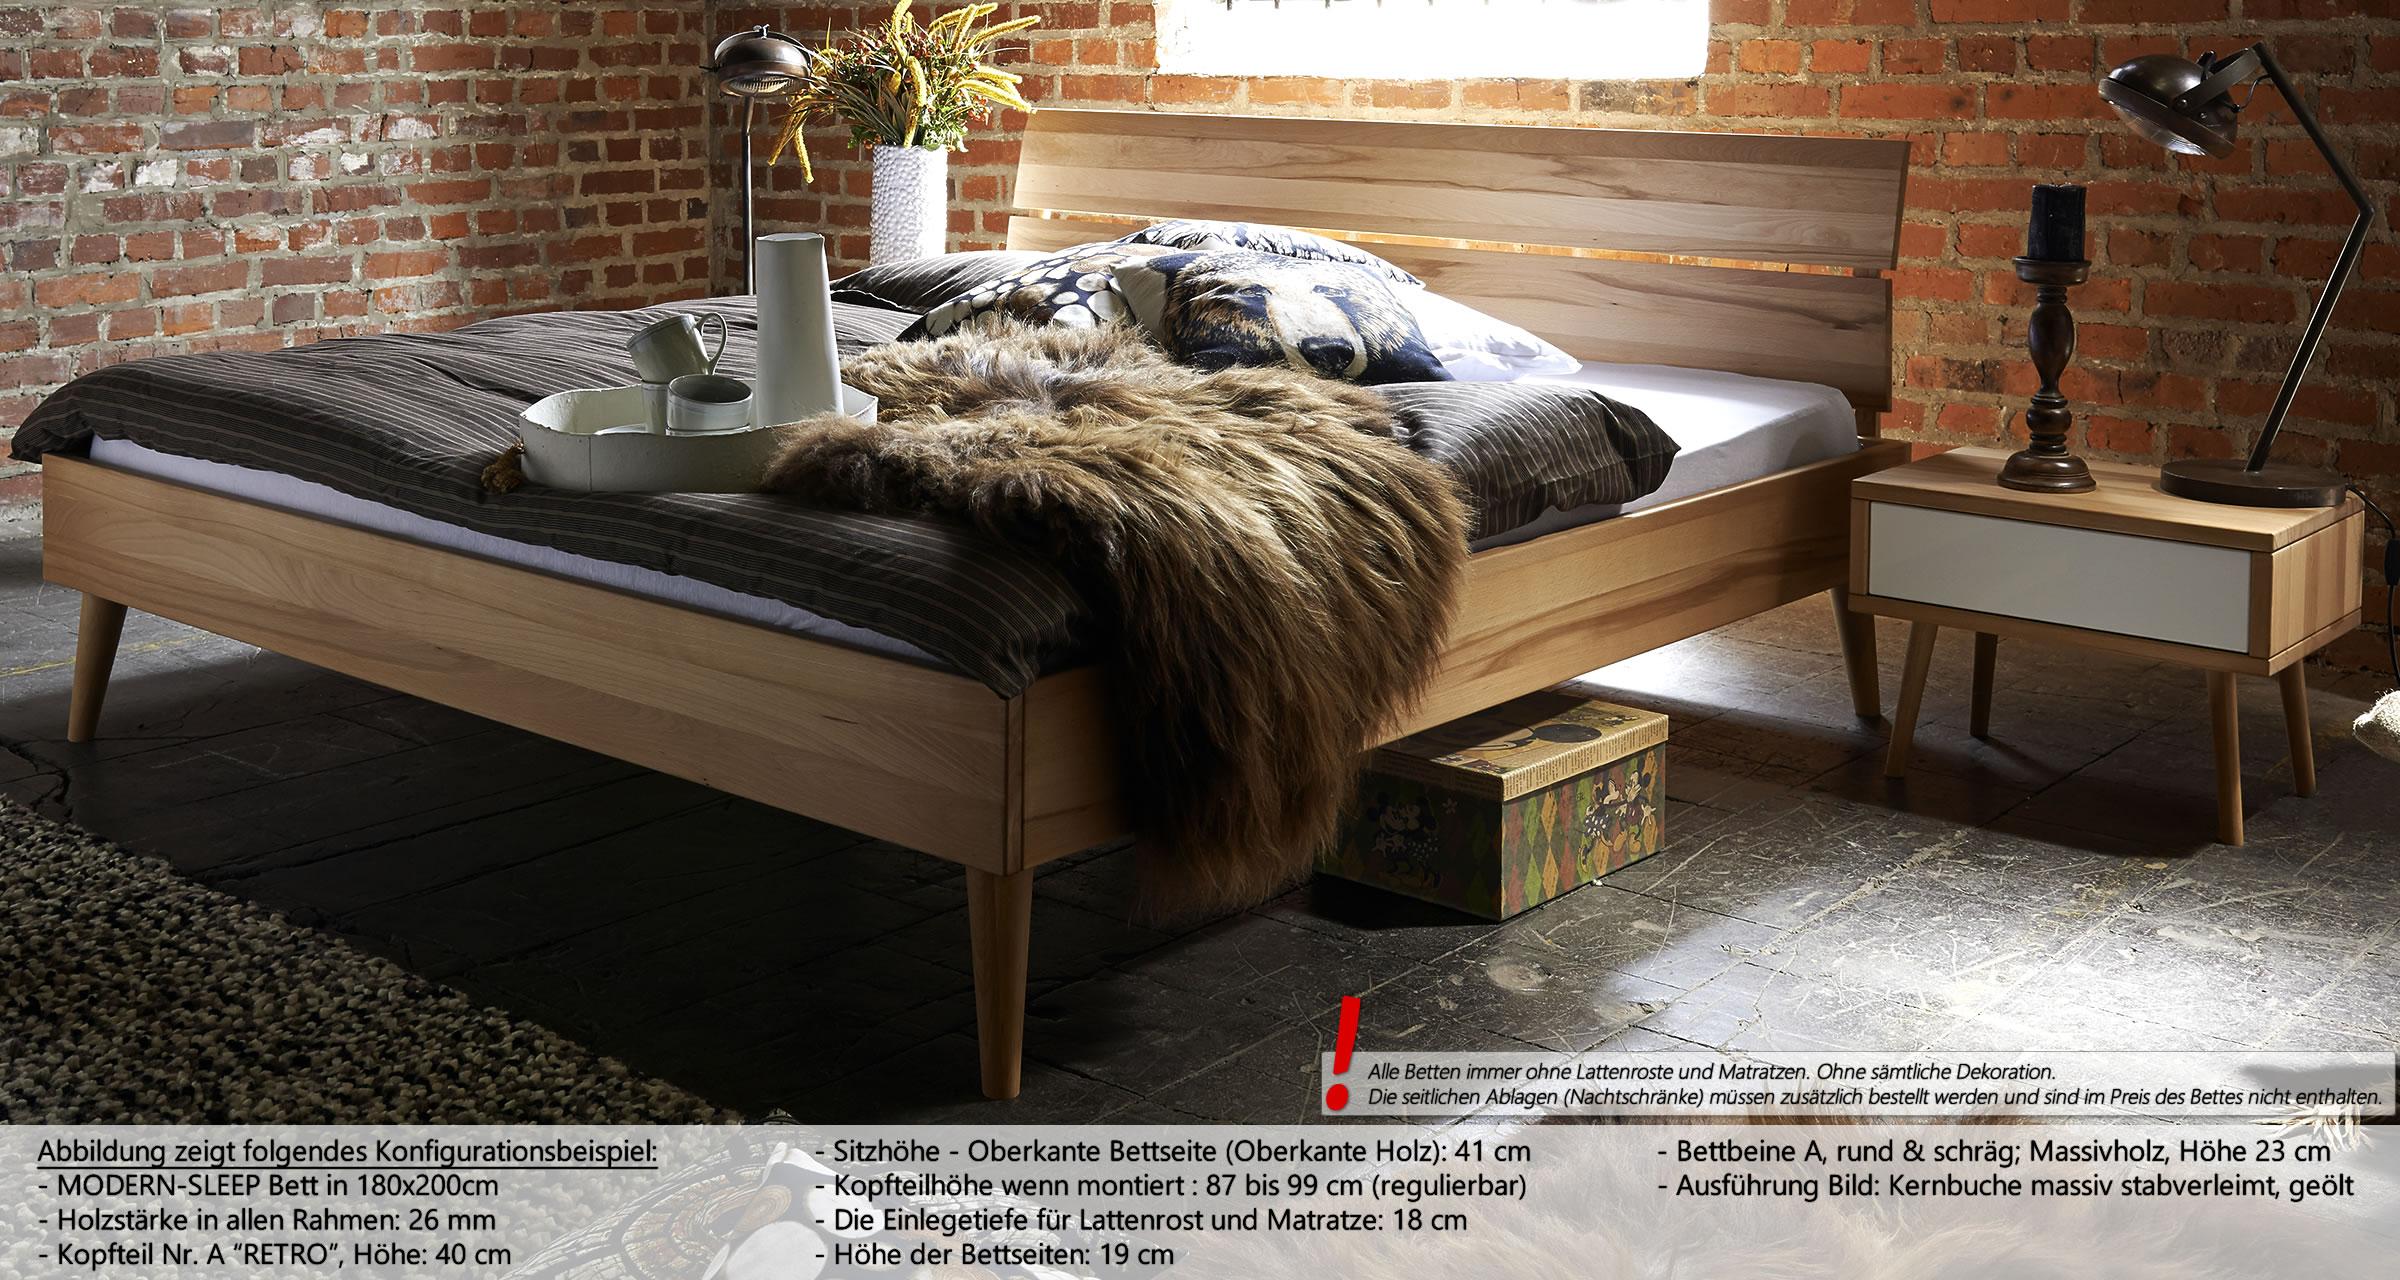 Full Size of Hohe Betten Massivholz Bett Günstige 180x200 Innocent Luxus Mit Stauraum Oschmann Balinesische Aufbewahrung Für übergewichtige Schubladen Teenager Bett Hohe Betten